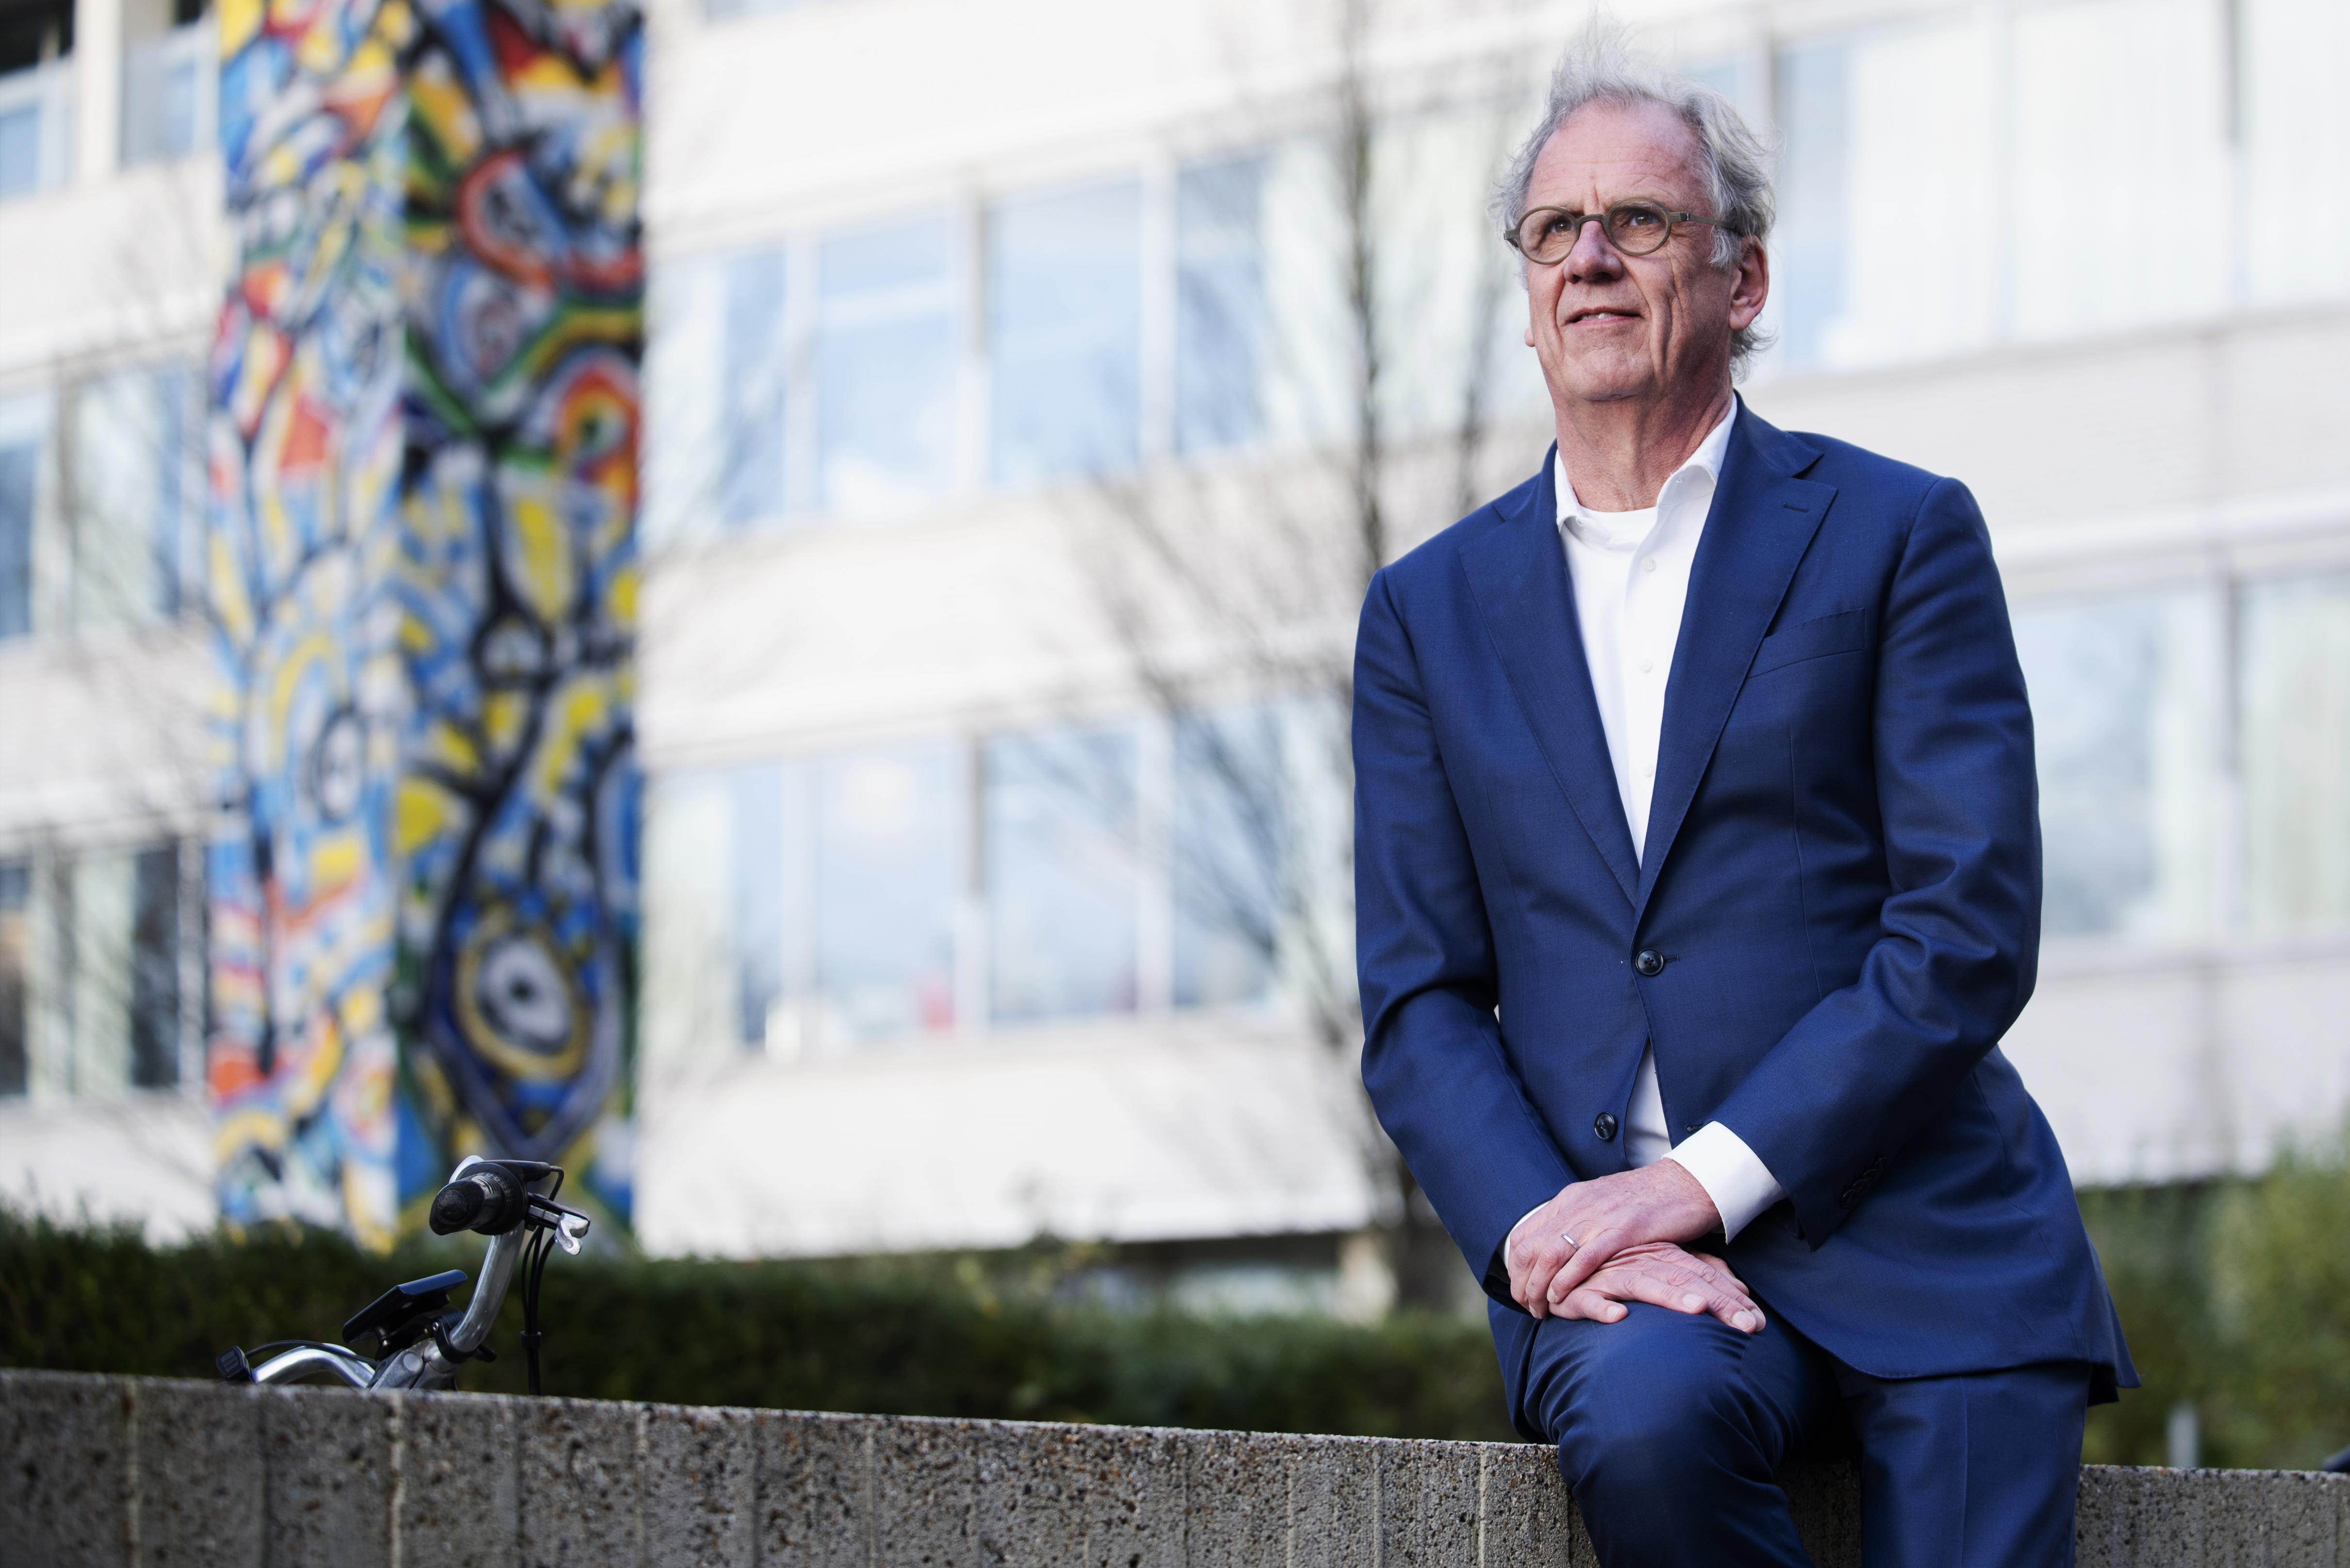 Haarlemmer Peter van Barneveld wil maar wat graag in het Rode Kruis Ziekenhuis Beverwijk blijven als bestuursvoorzitter. 'Ik heb een blind vertrouwen in iedereen die hier werkt'